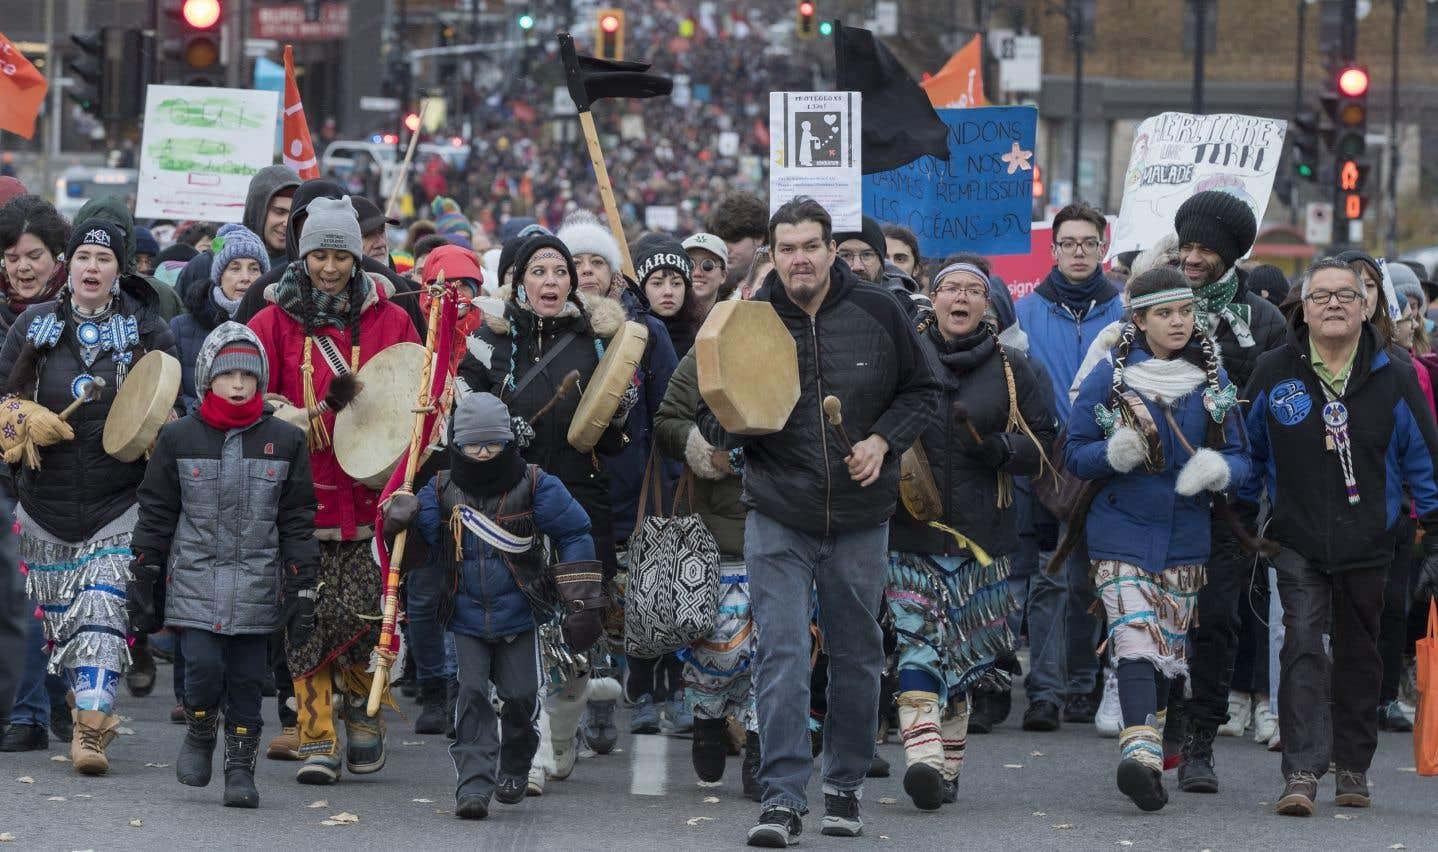 À Montréal, la marche pour le climat a rassemblé samedi des dizaines de milliers de personnes.